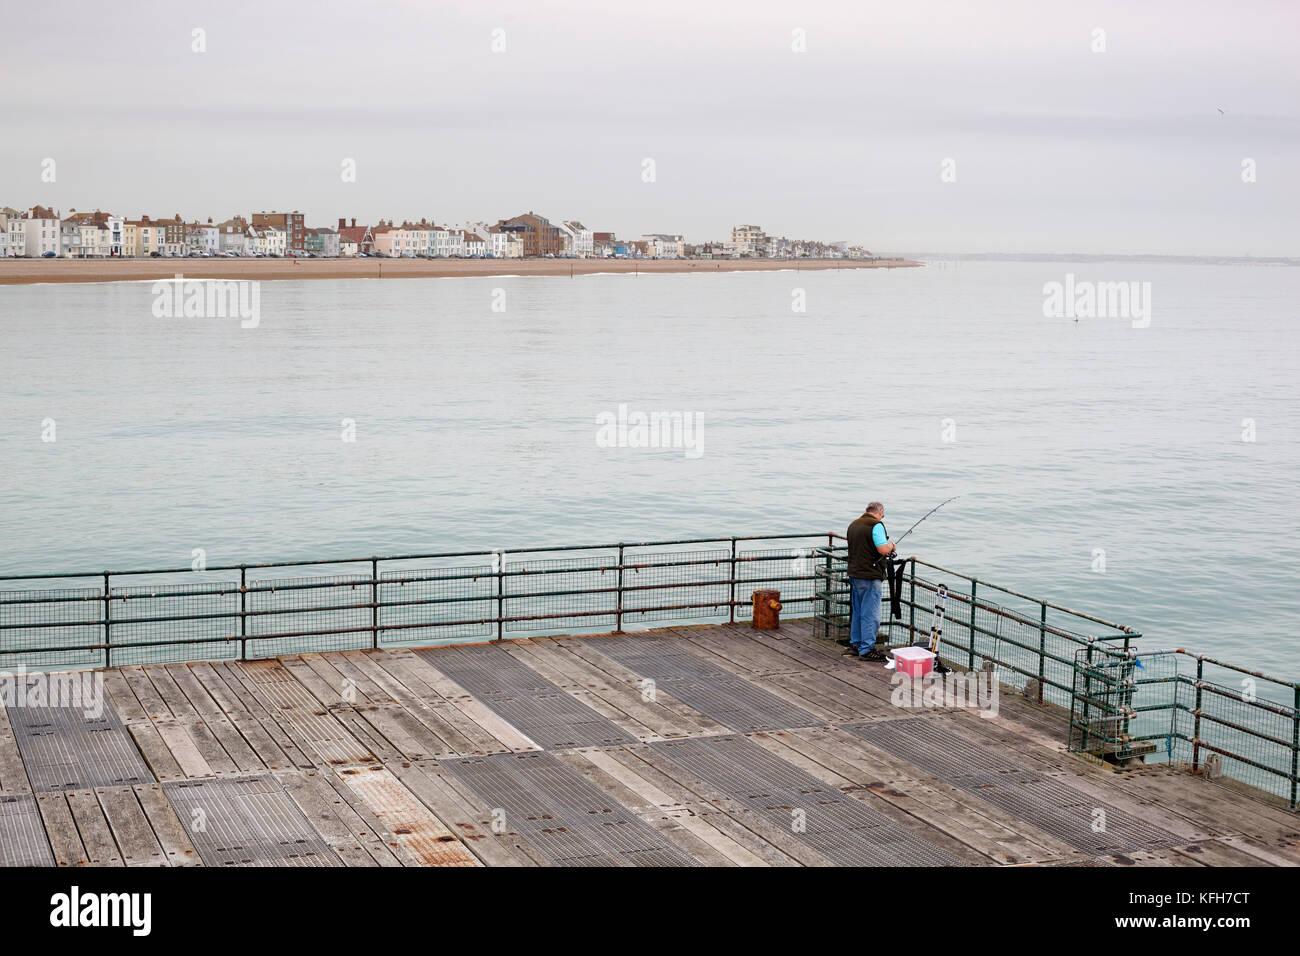 Muelle de pescadores la pesca frente a frente con el proyecto mar de niebla detrás, tratar, Kent, Inglaterra, Imagen De Stock